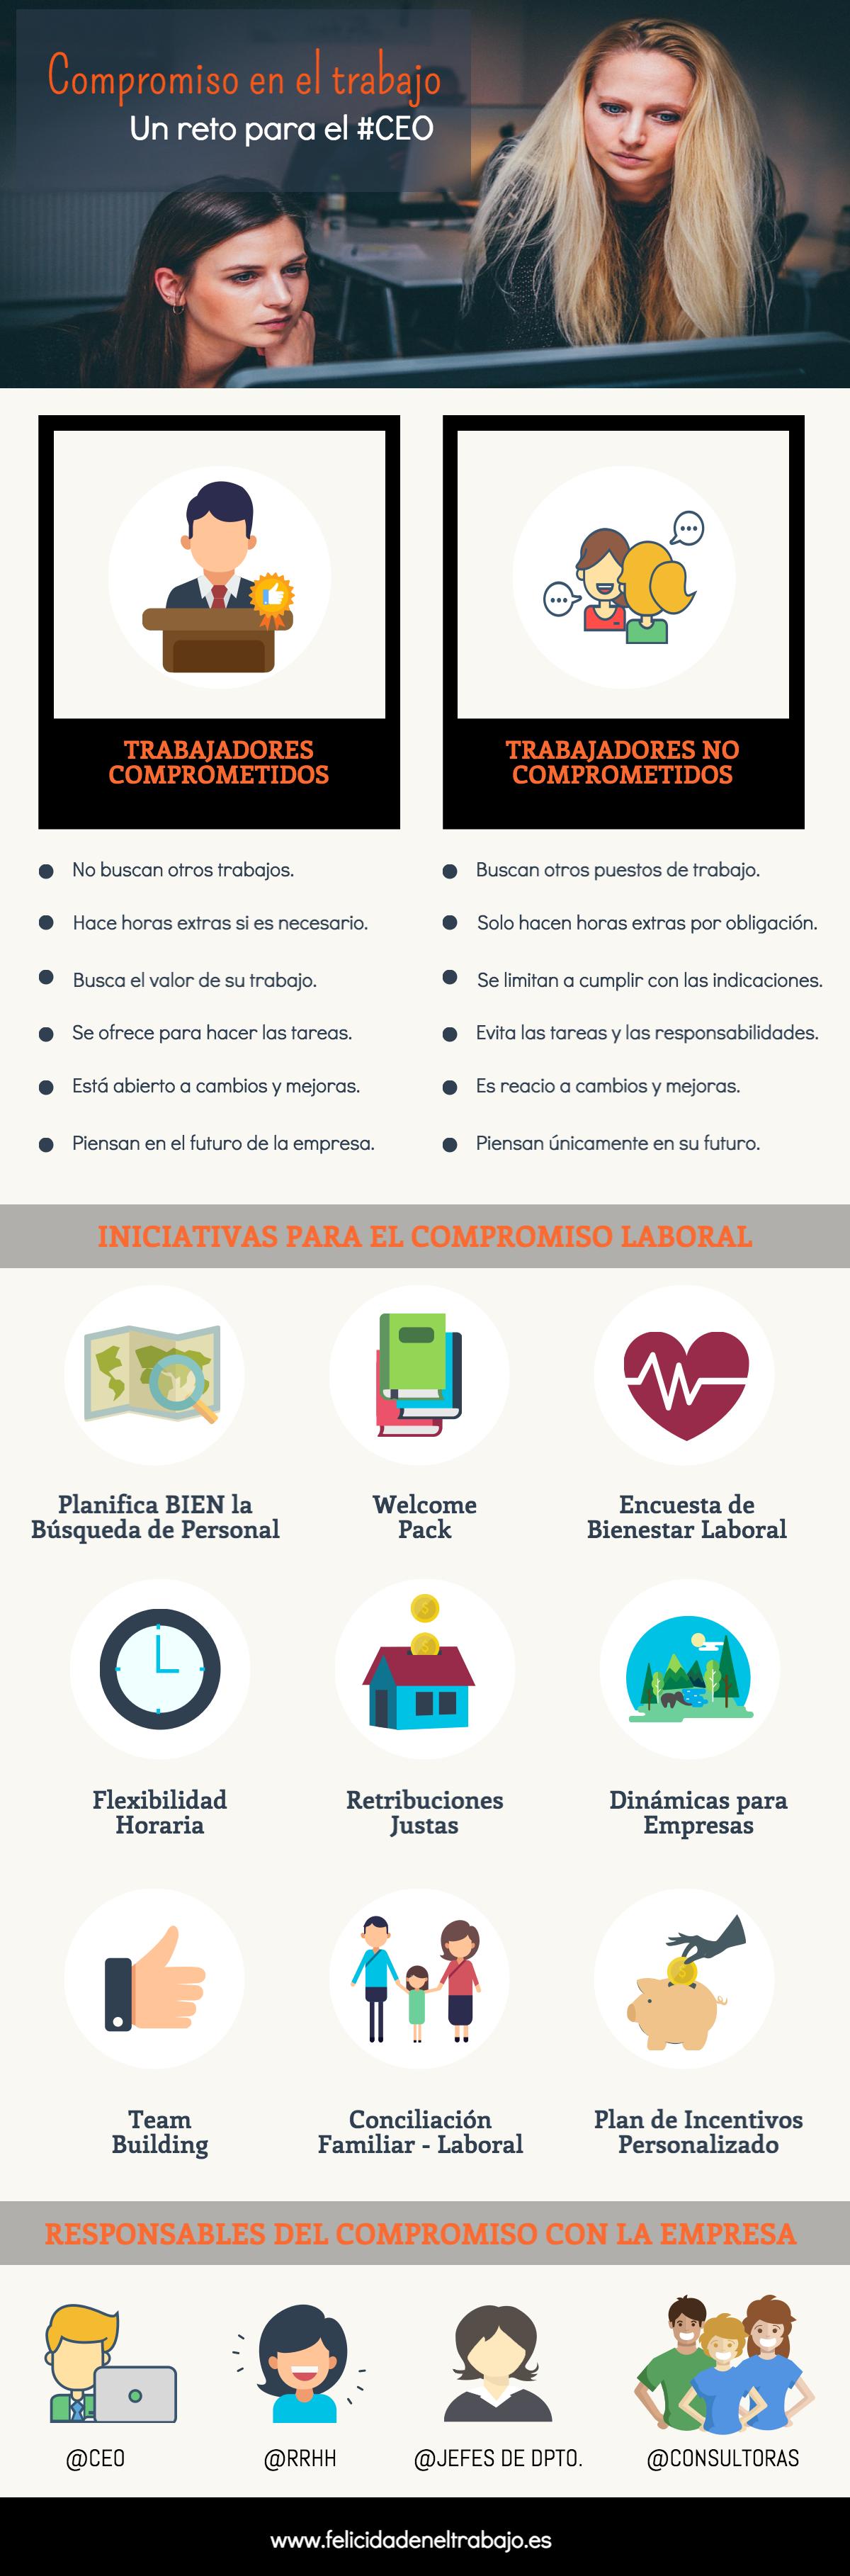 Compromiso en el trabajo: un compromiso para el CEO #infografia #infographic #rrhh